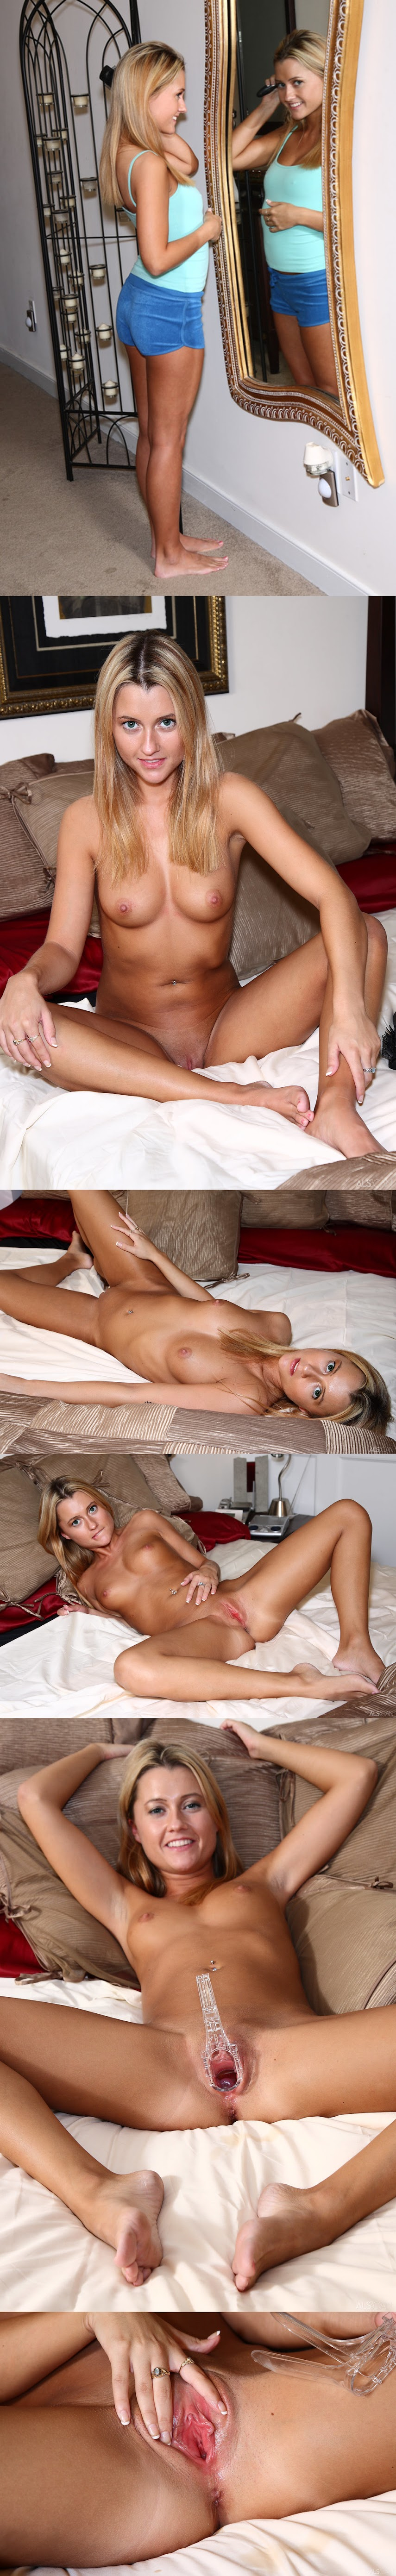 Debriz ALS 2008-03-20 EXPLORING-GINGER-GINGER-LEE-by-ALS-PHOTOGRAPHER 0a090 high